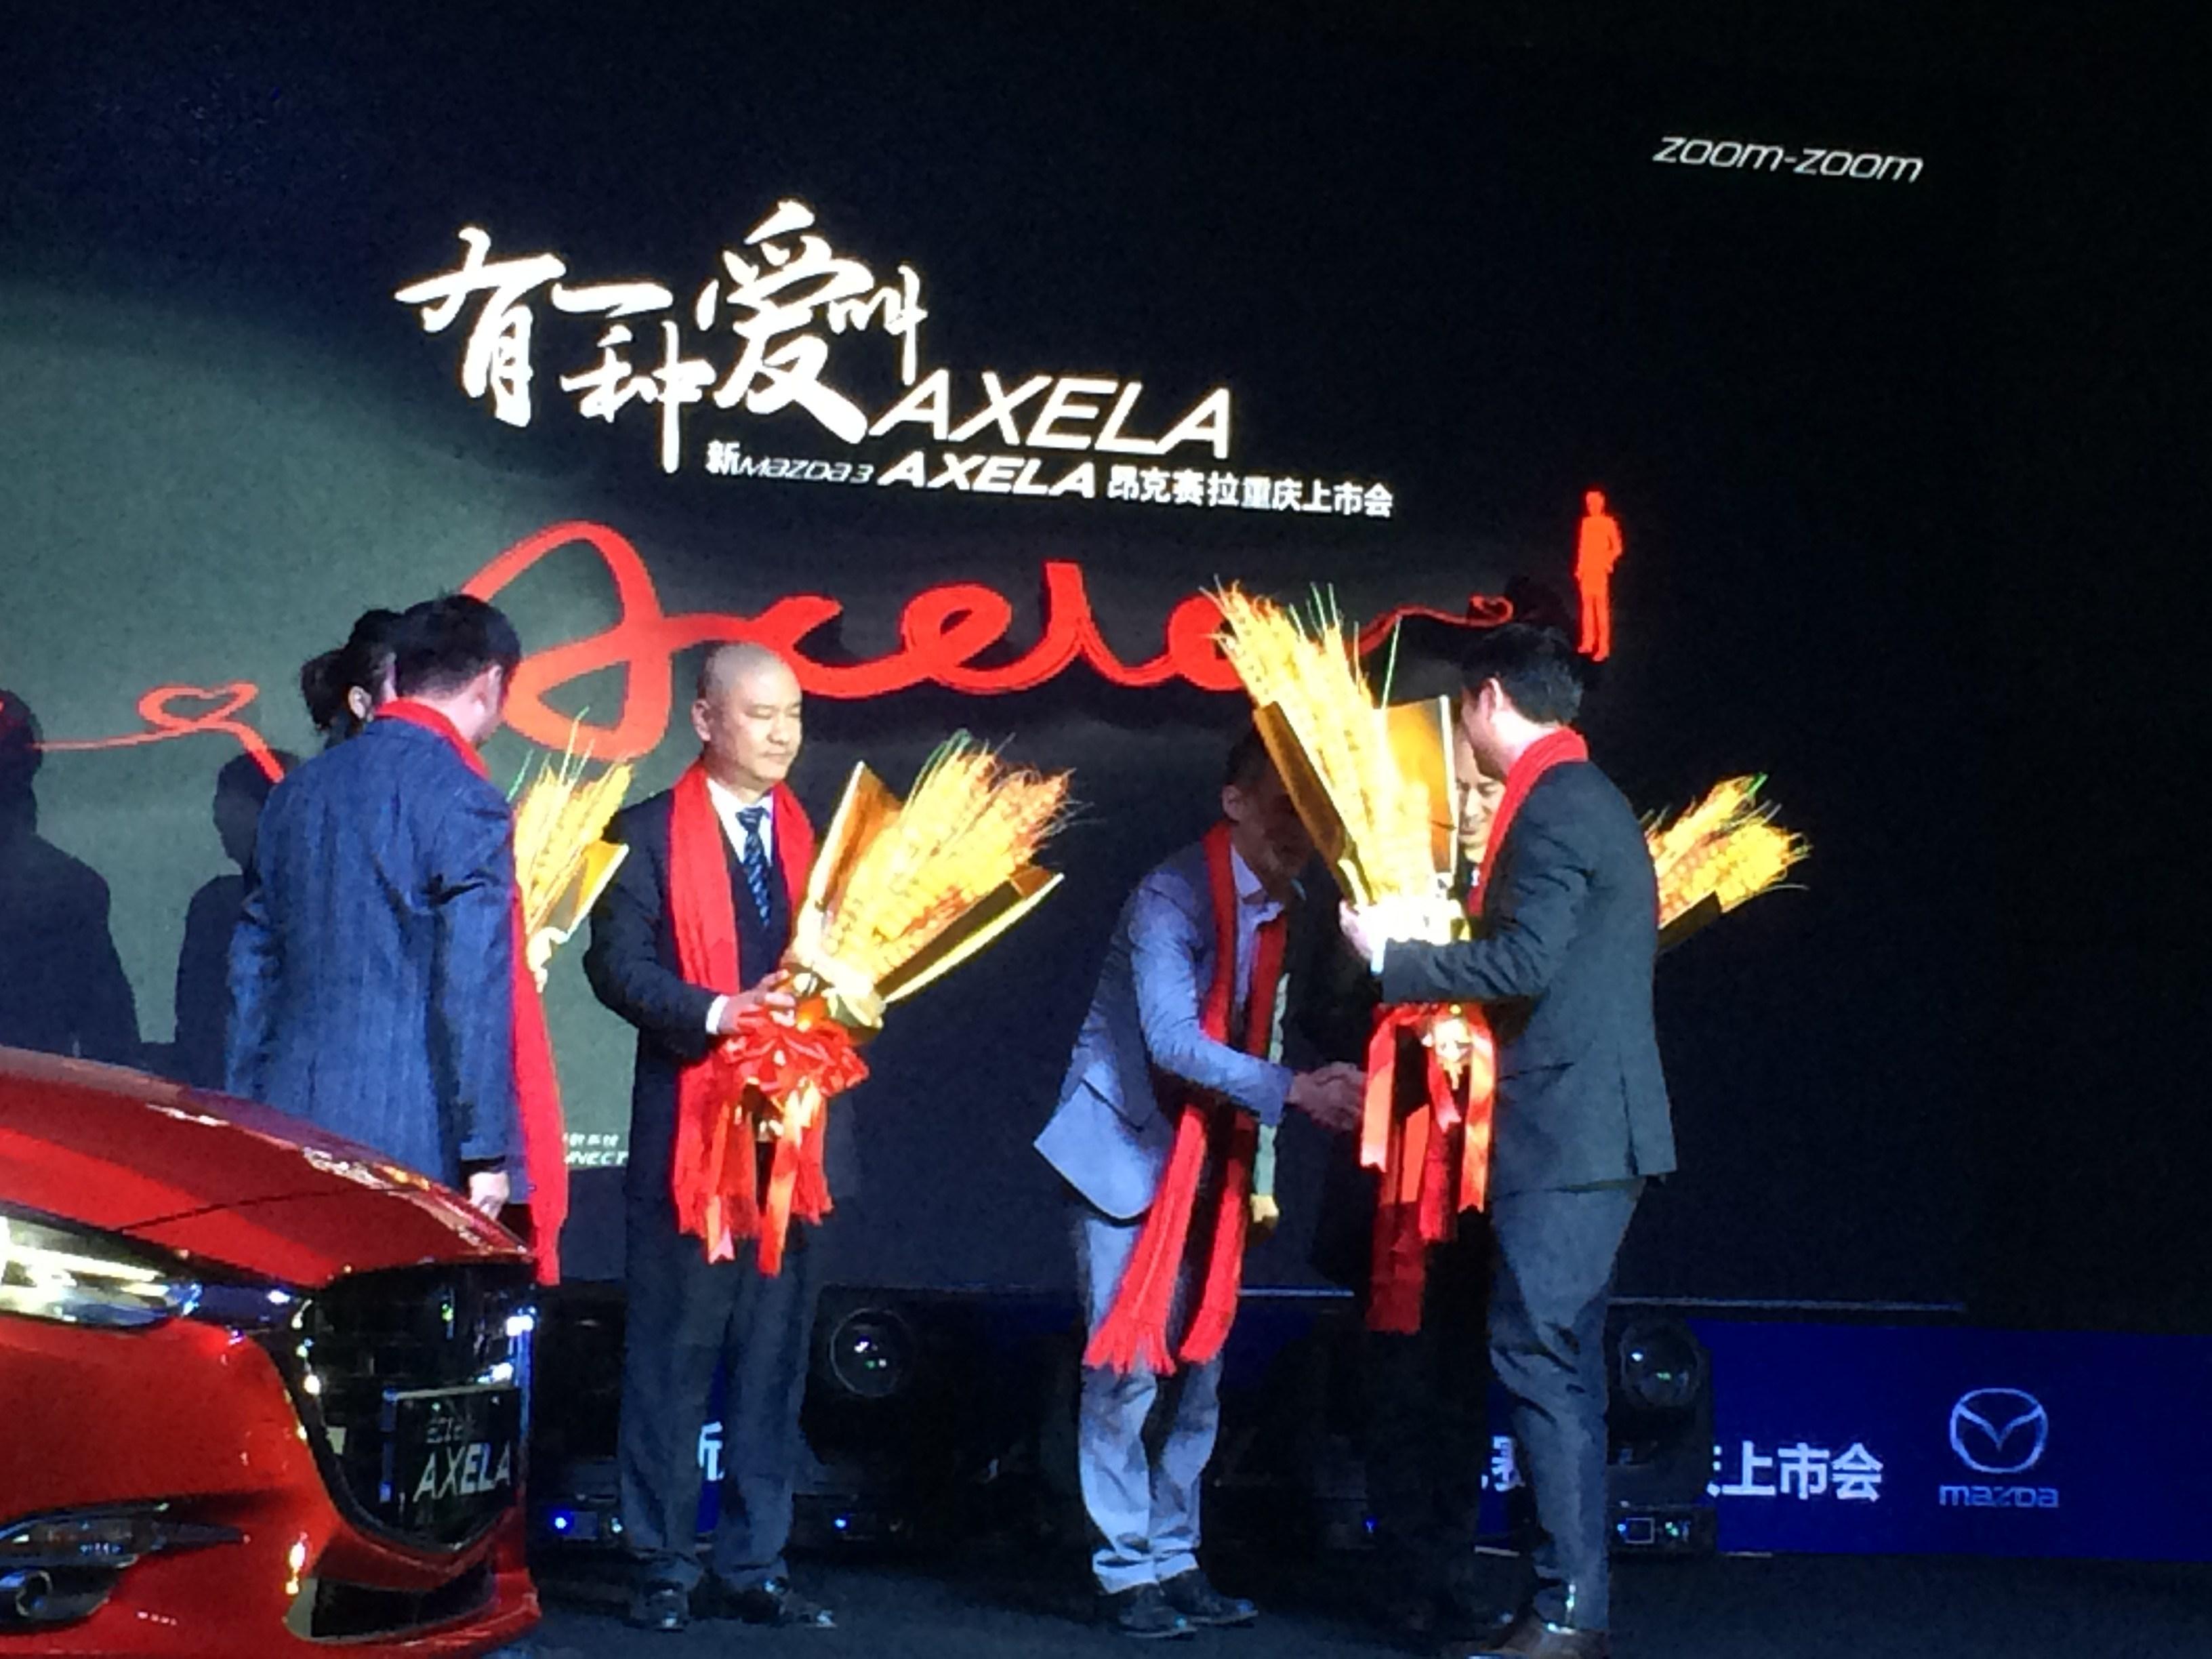 有一种爱叫AXELA重庆上市发布会完美收官